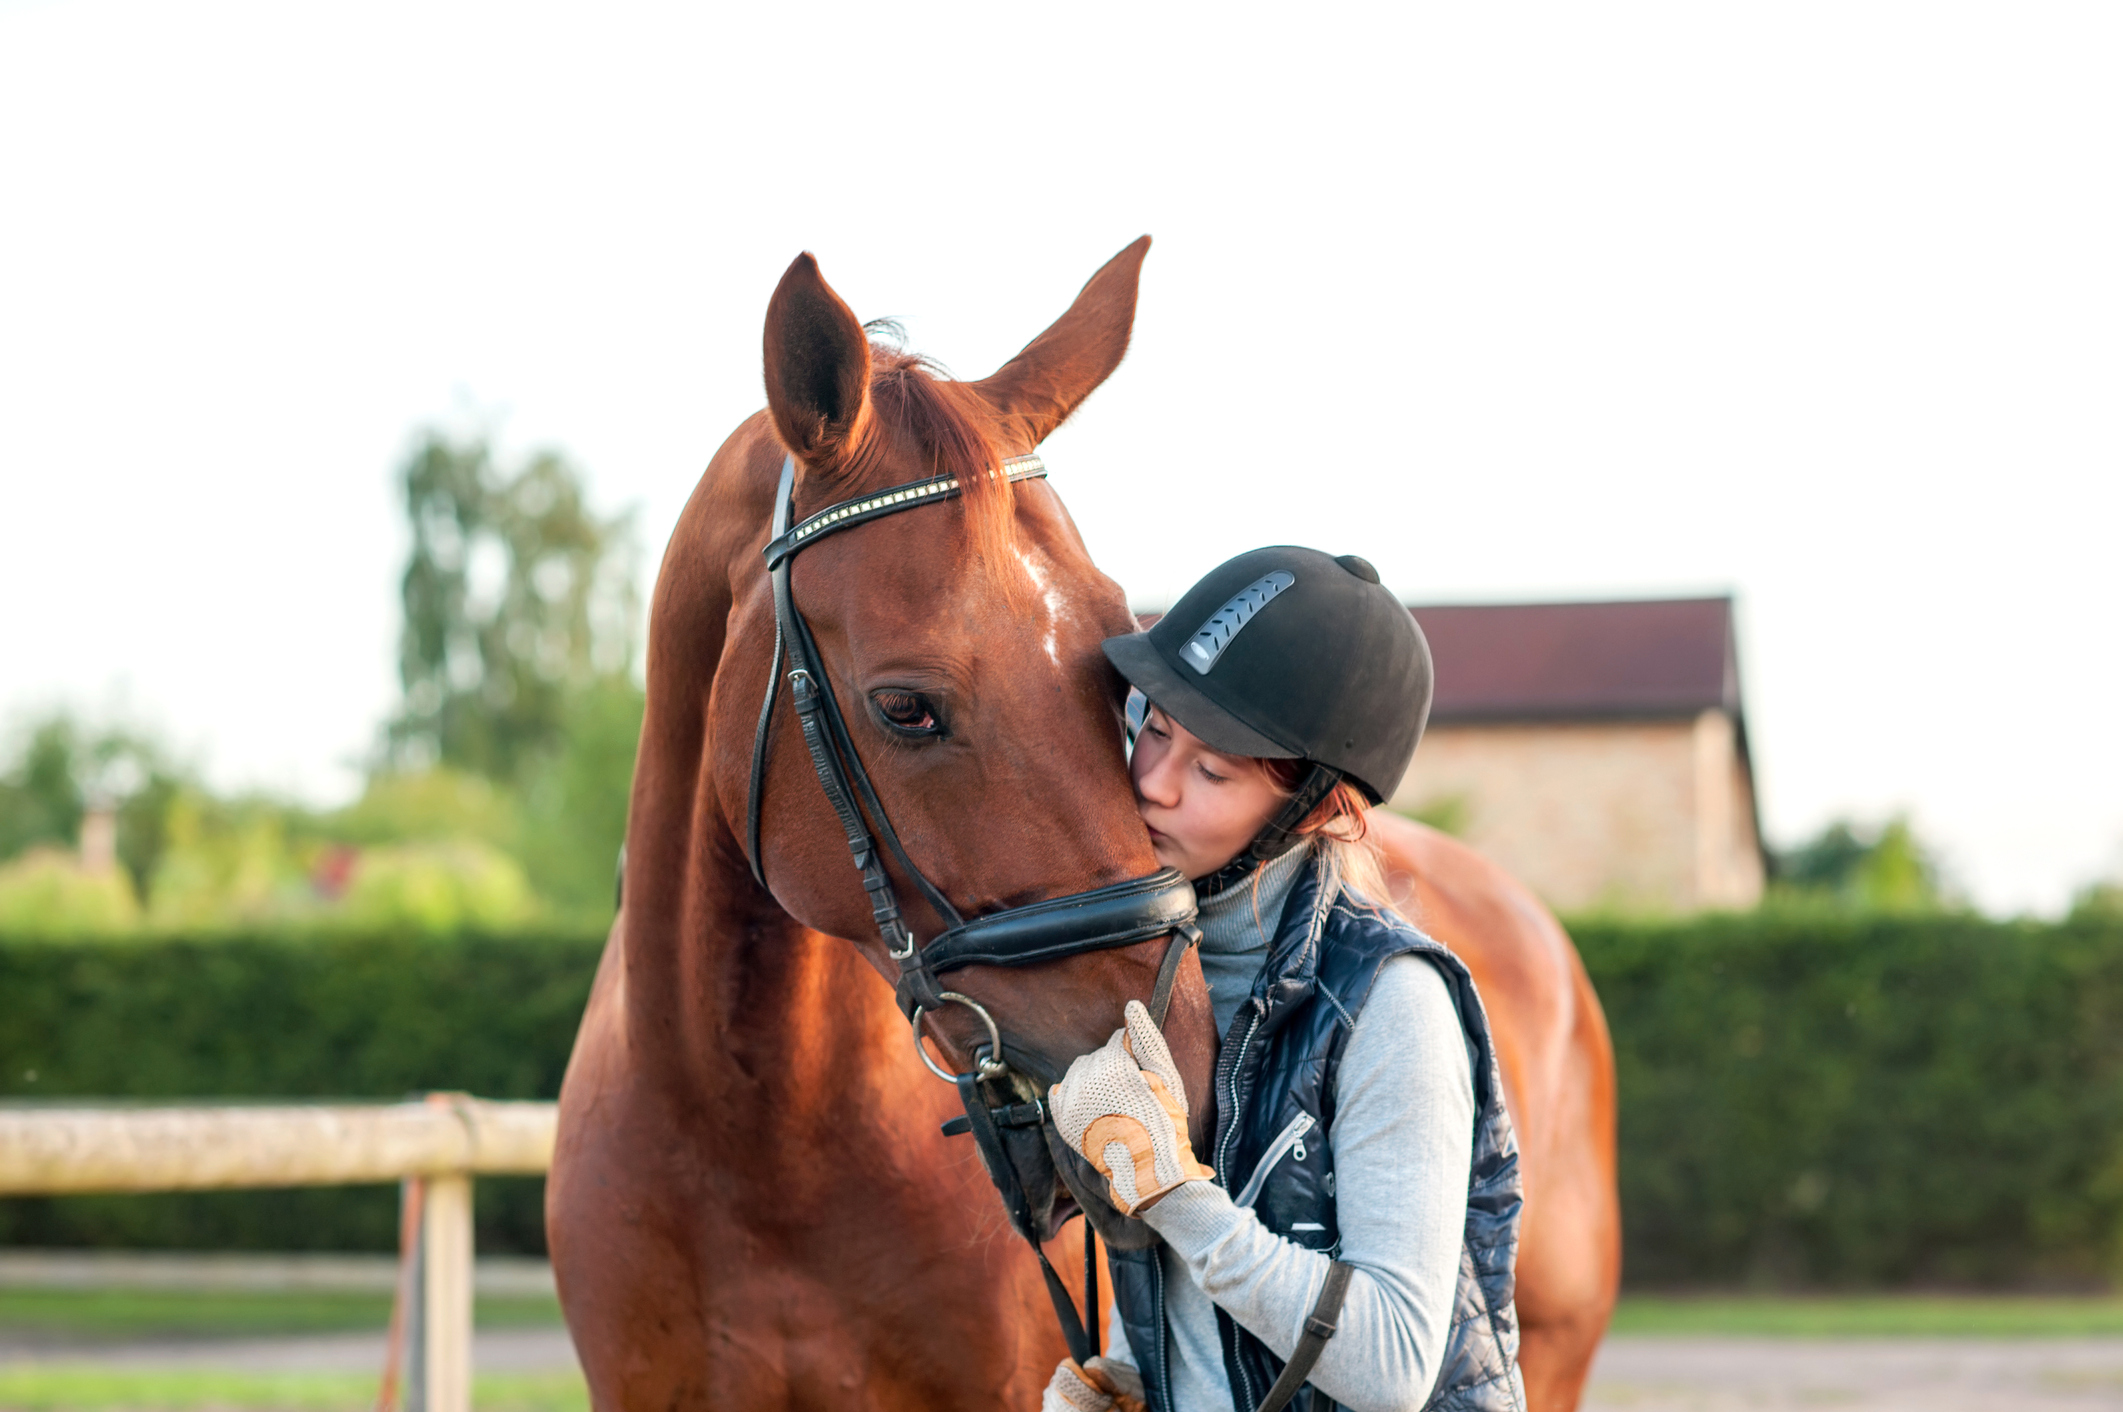 giovane-adolescente-ragazza-equitazione-baciare-la-sua-castagna-cavallojpg